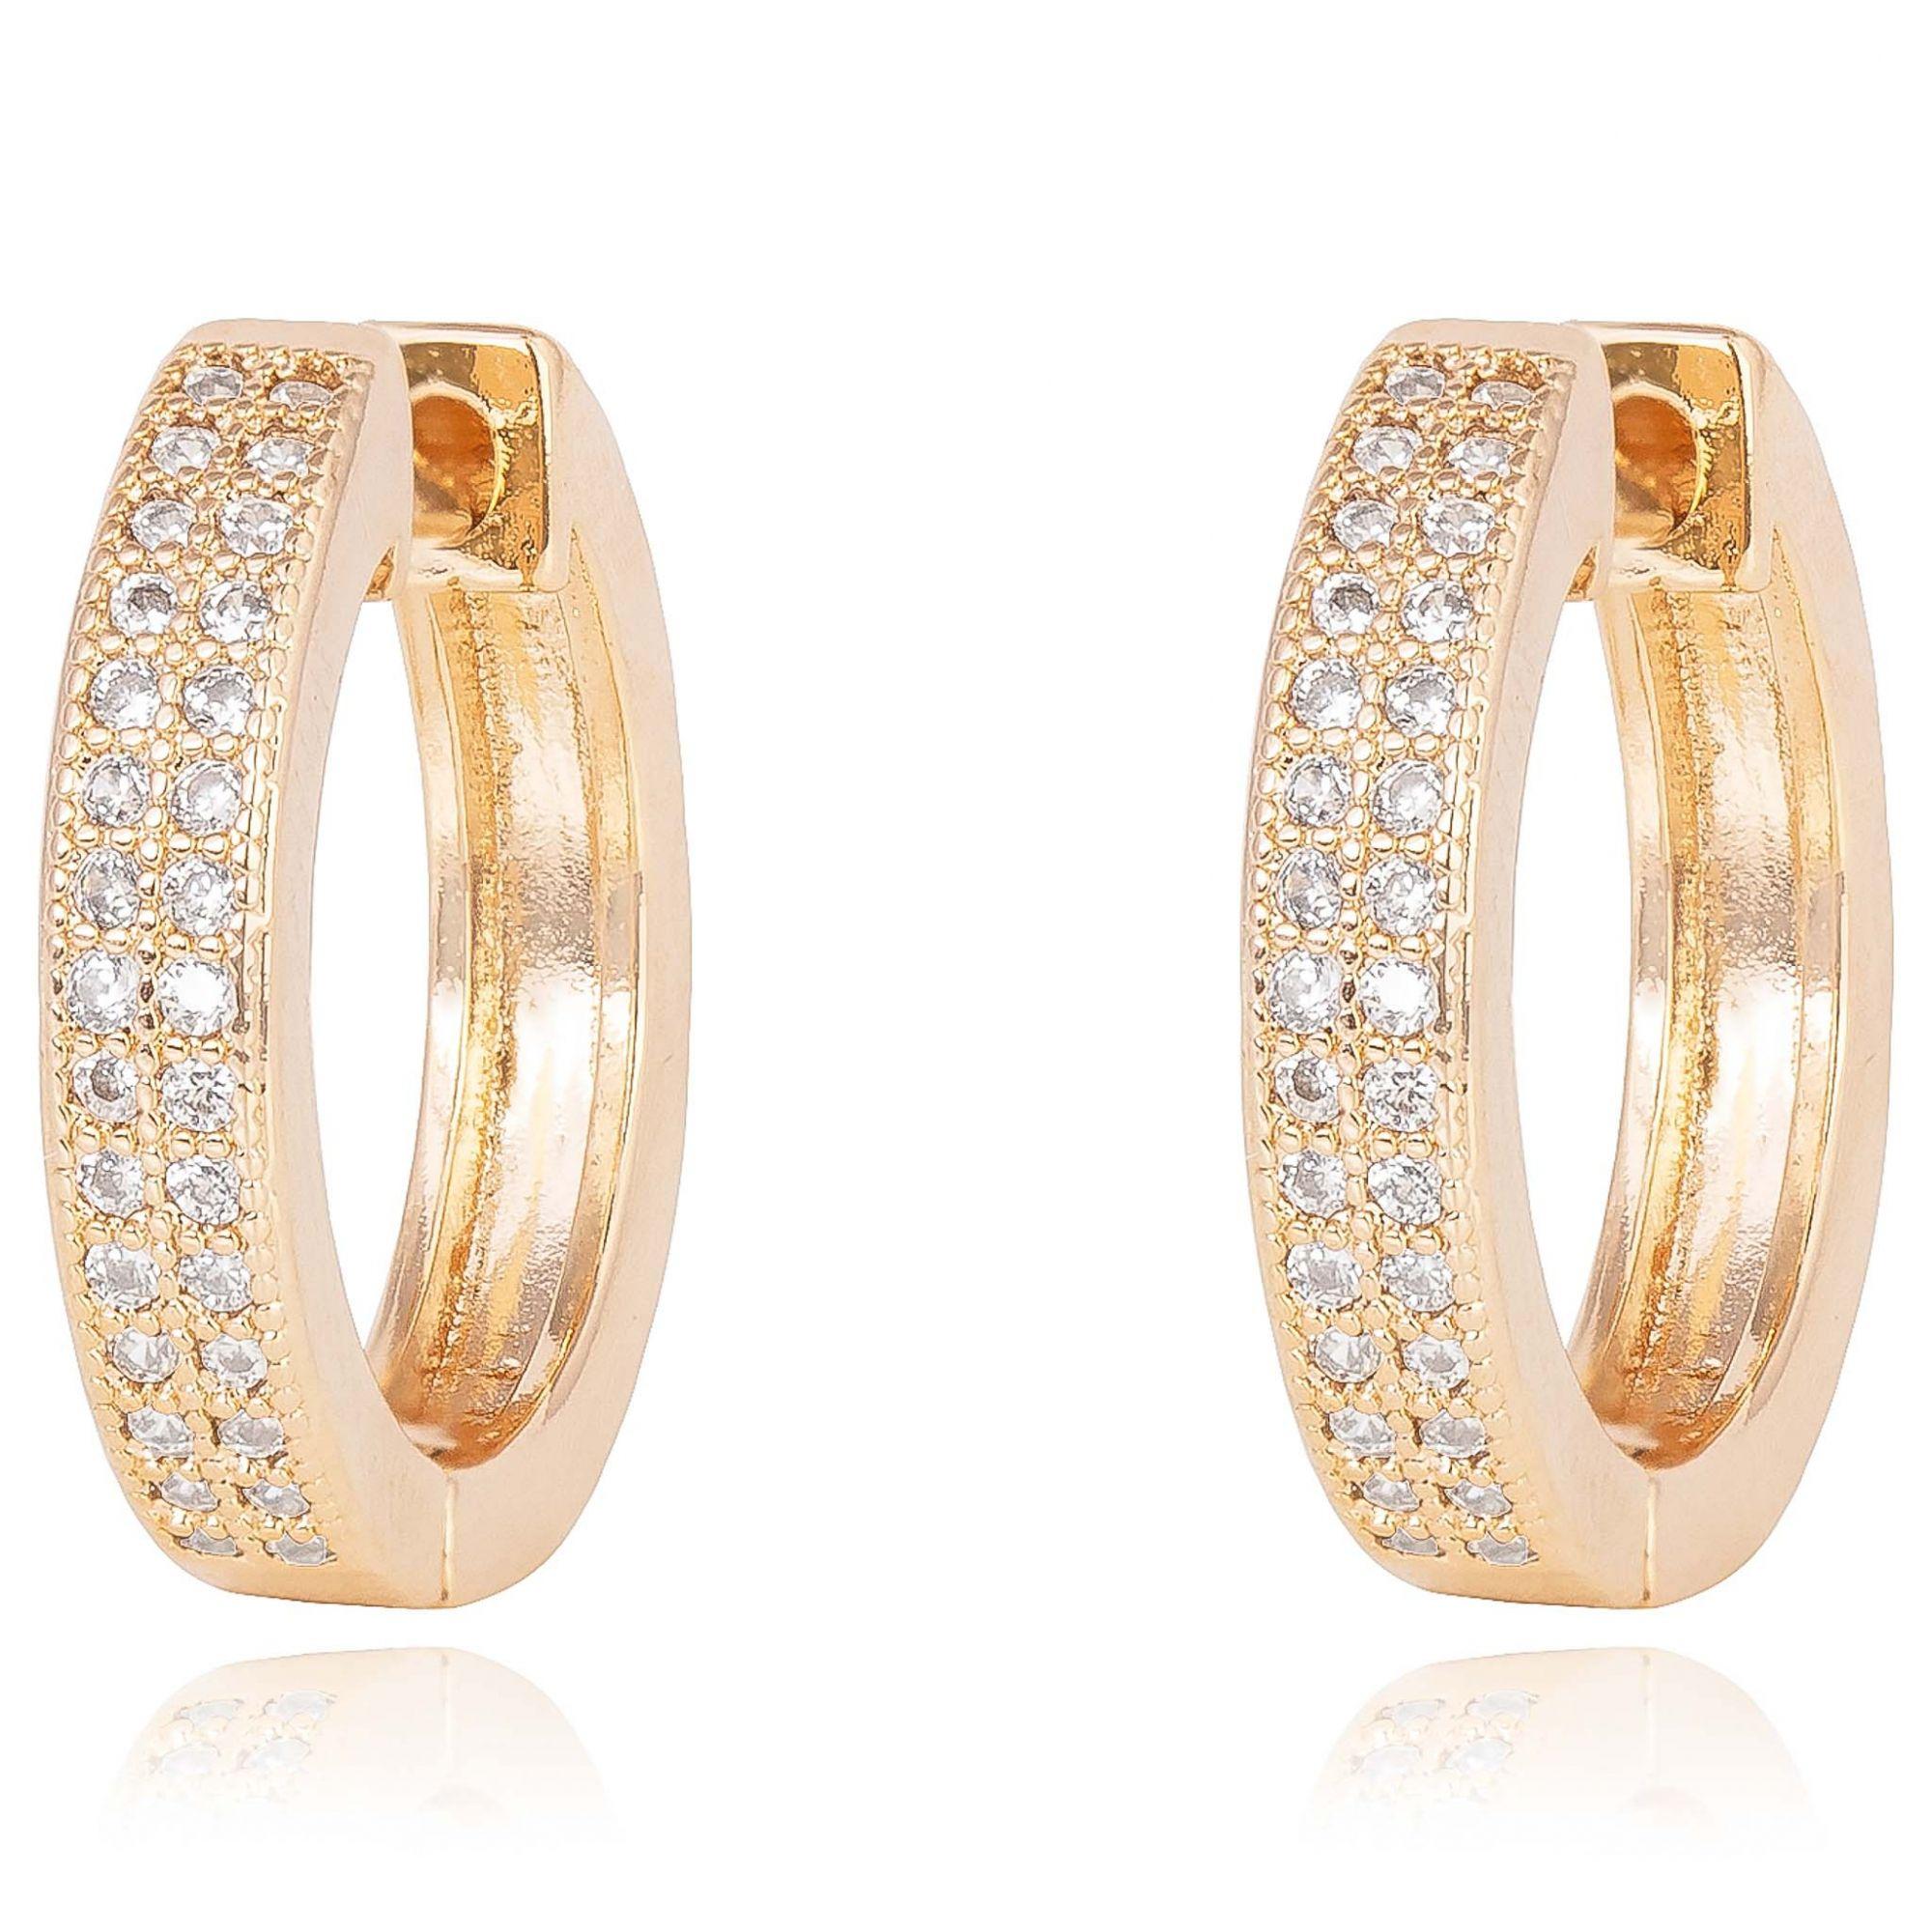 Brinco de argolas com micro zircônias cristais banhado a ouro 18k.  - romabrazil.com.br